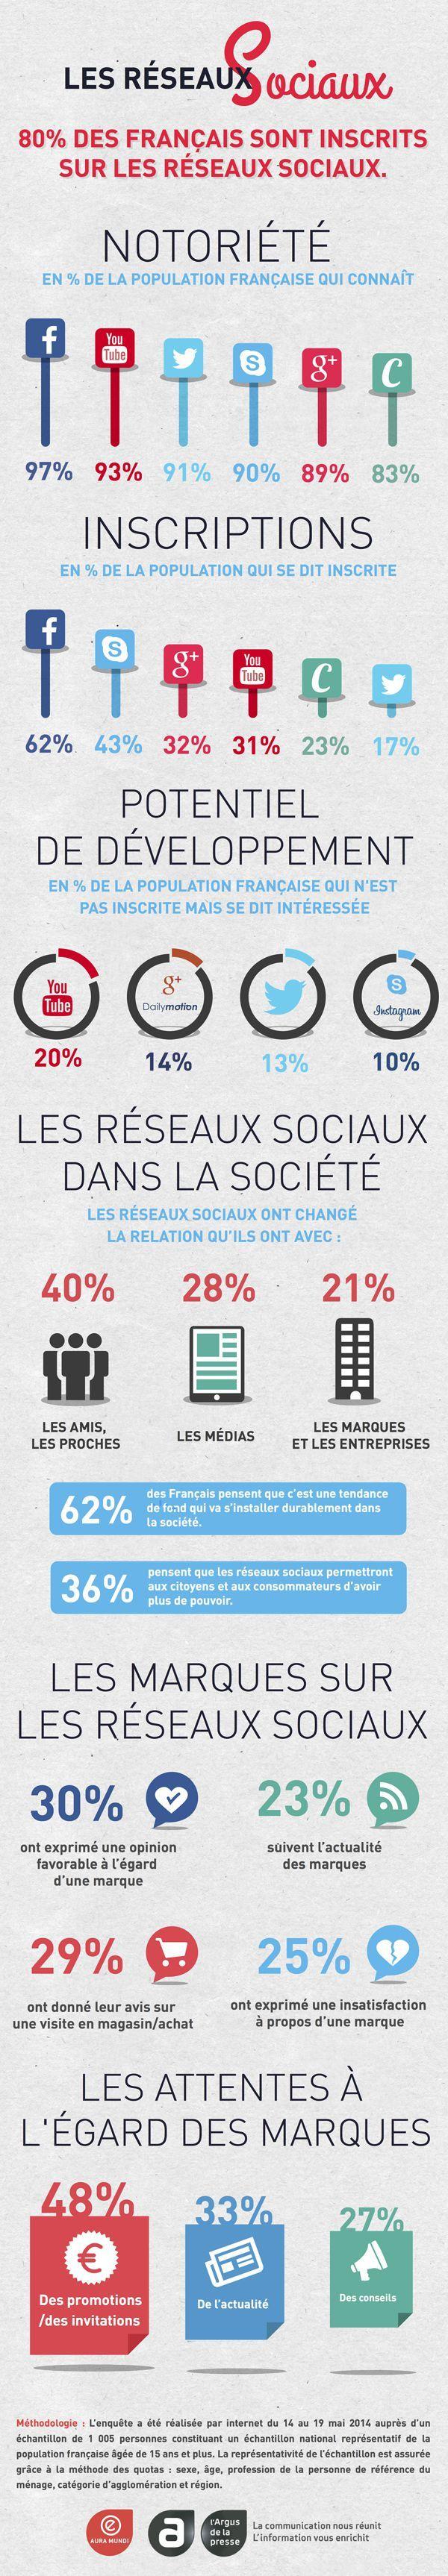 Les Réseaux Sociaux en France et les attentes à l'égard des marques en 1 infographie...